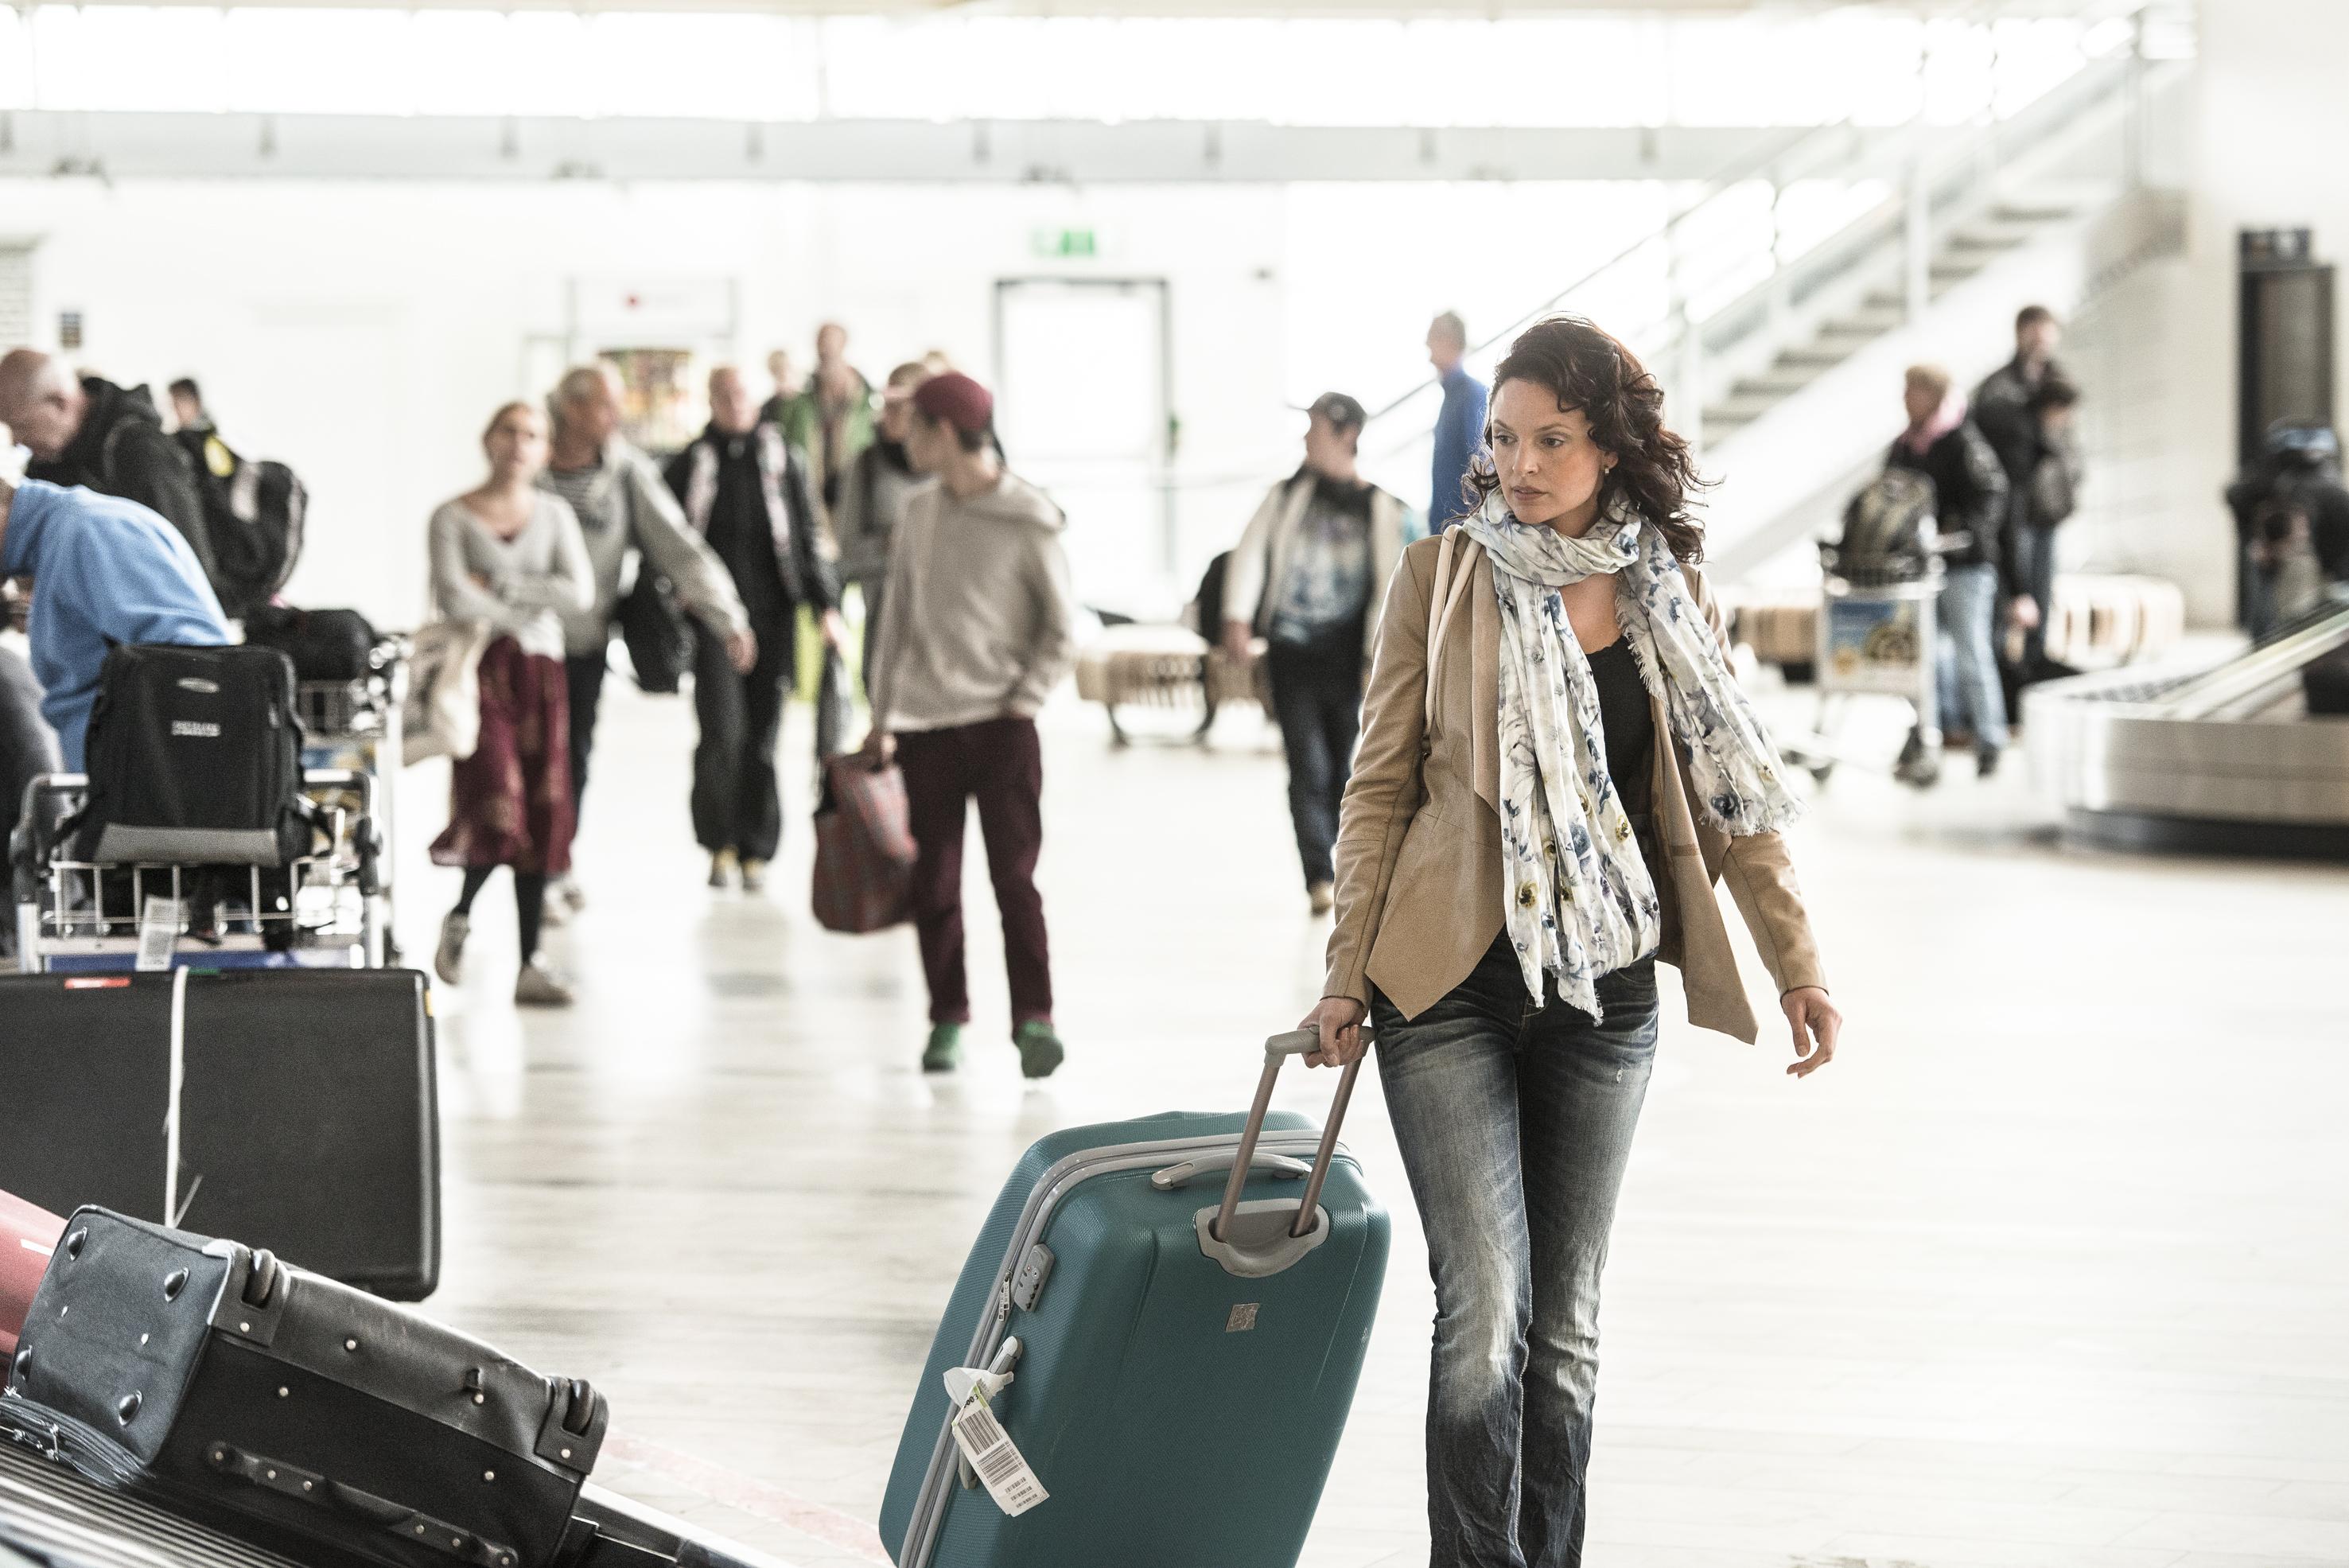 Det bliver også næste år dyrere for erhvervsrejsende at flyve og bo på hotel, viser ny analyse. Arkivfoto: Swedavia, Gøteborg Lufthavn.